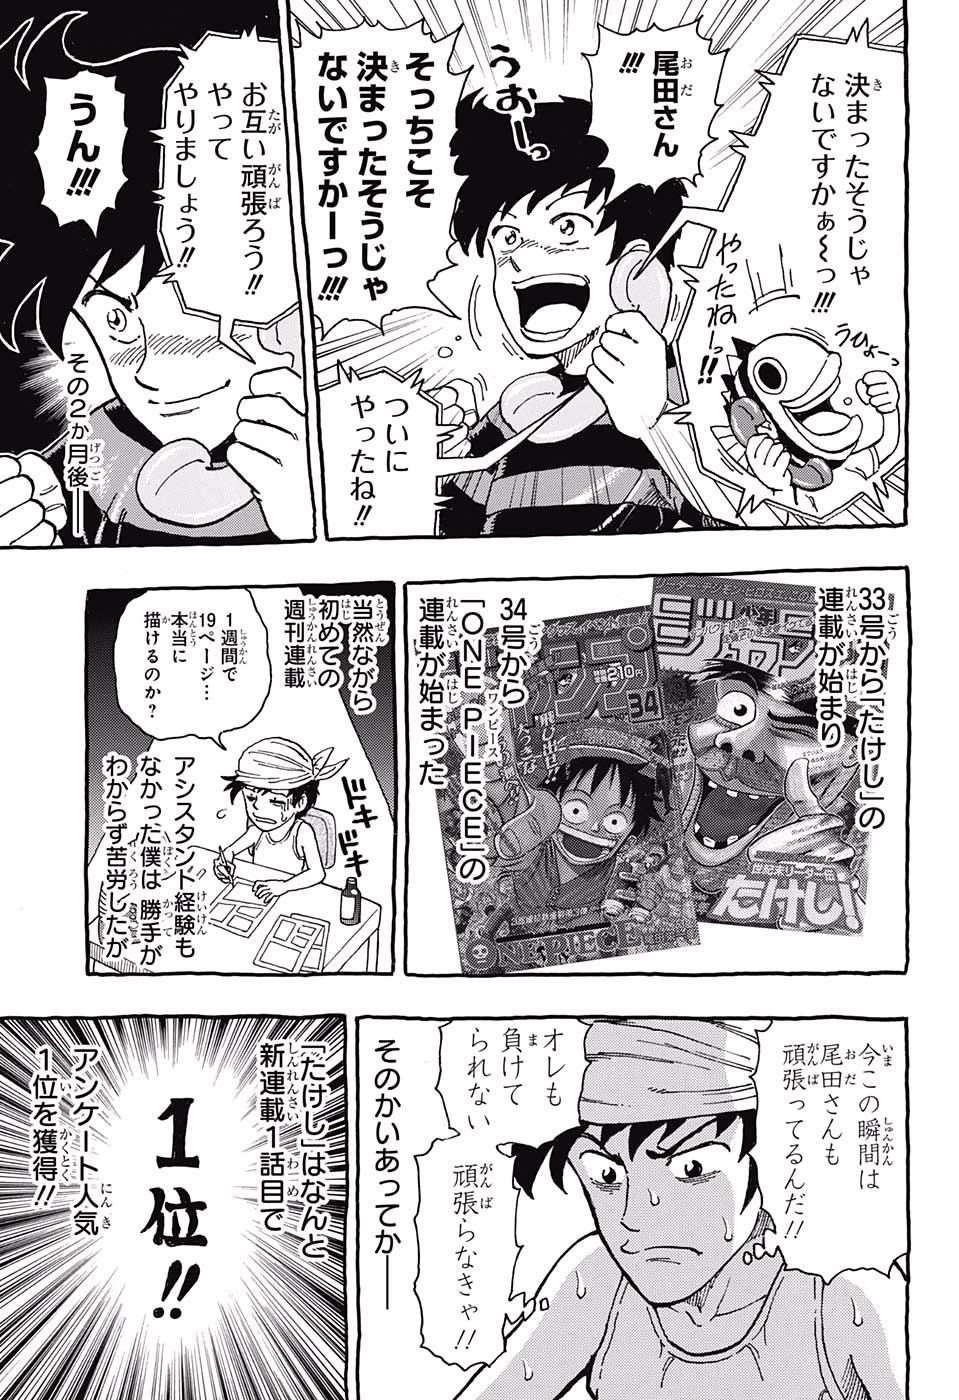 One Piece Manga 2017 AU5Wkc33